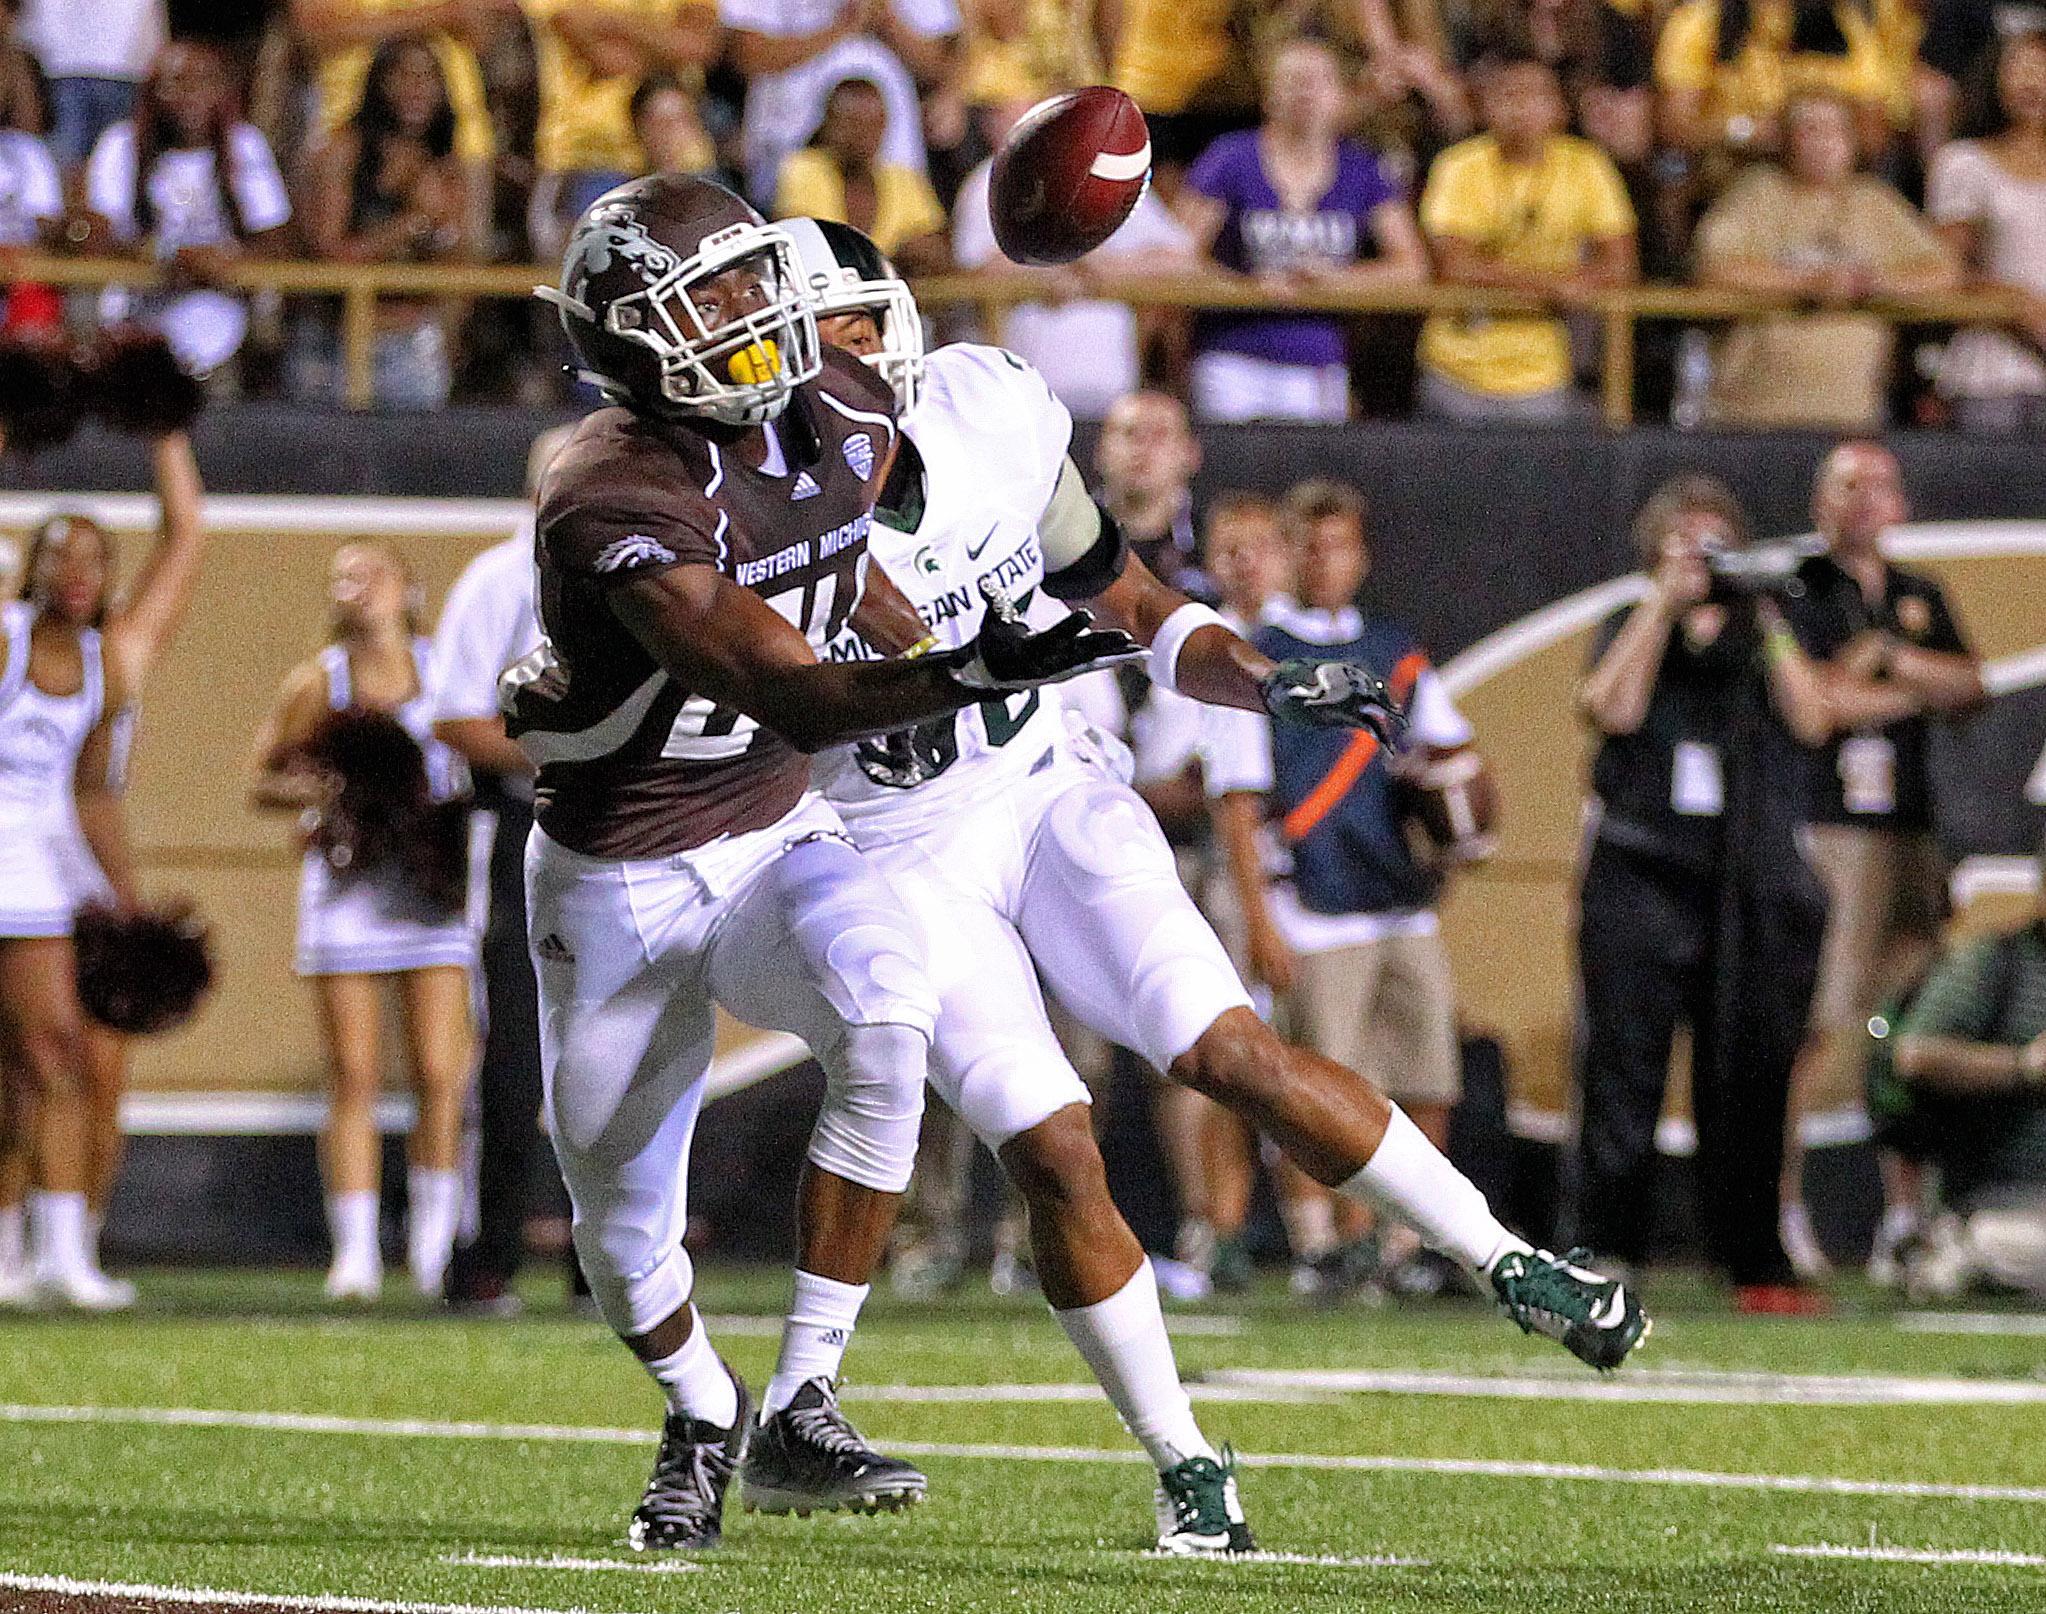 Davis scoring a touchdown in last year's season opener